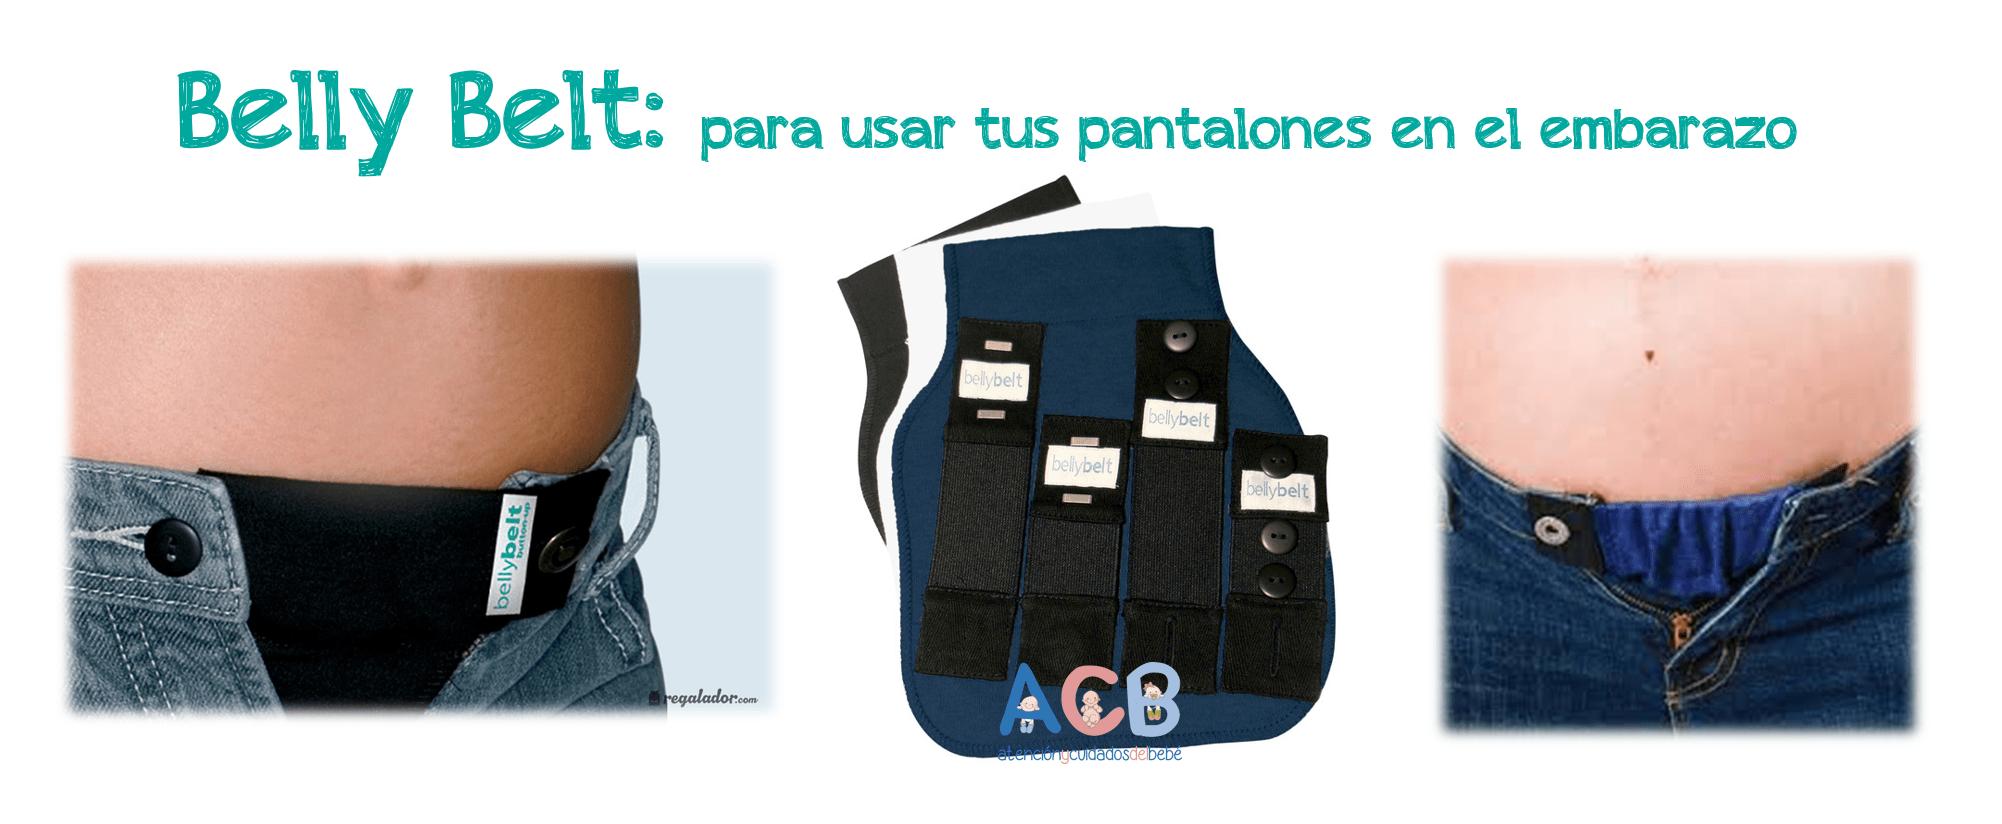 3fb87f52f Belly Belt es la solución perfecta para poder abrocharte tu ropa favorita  cuando estás embarazada y también después del parto hasta que recuperes tu  figura.